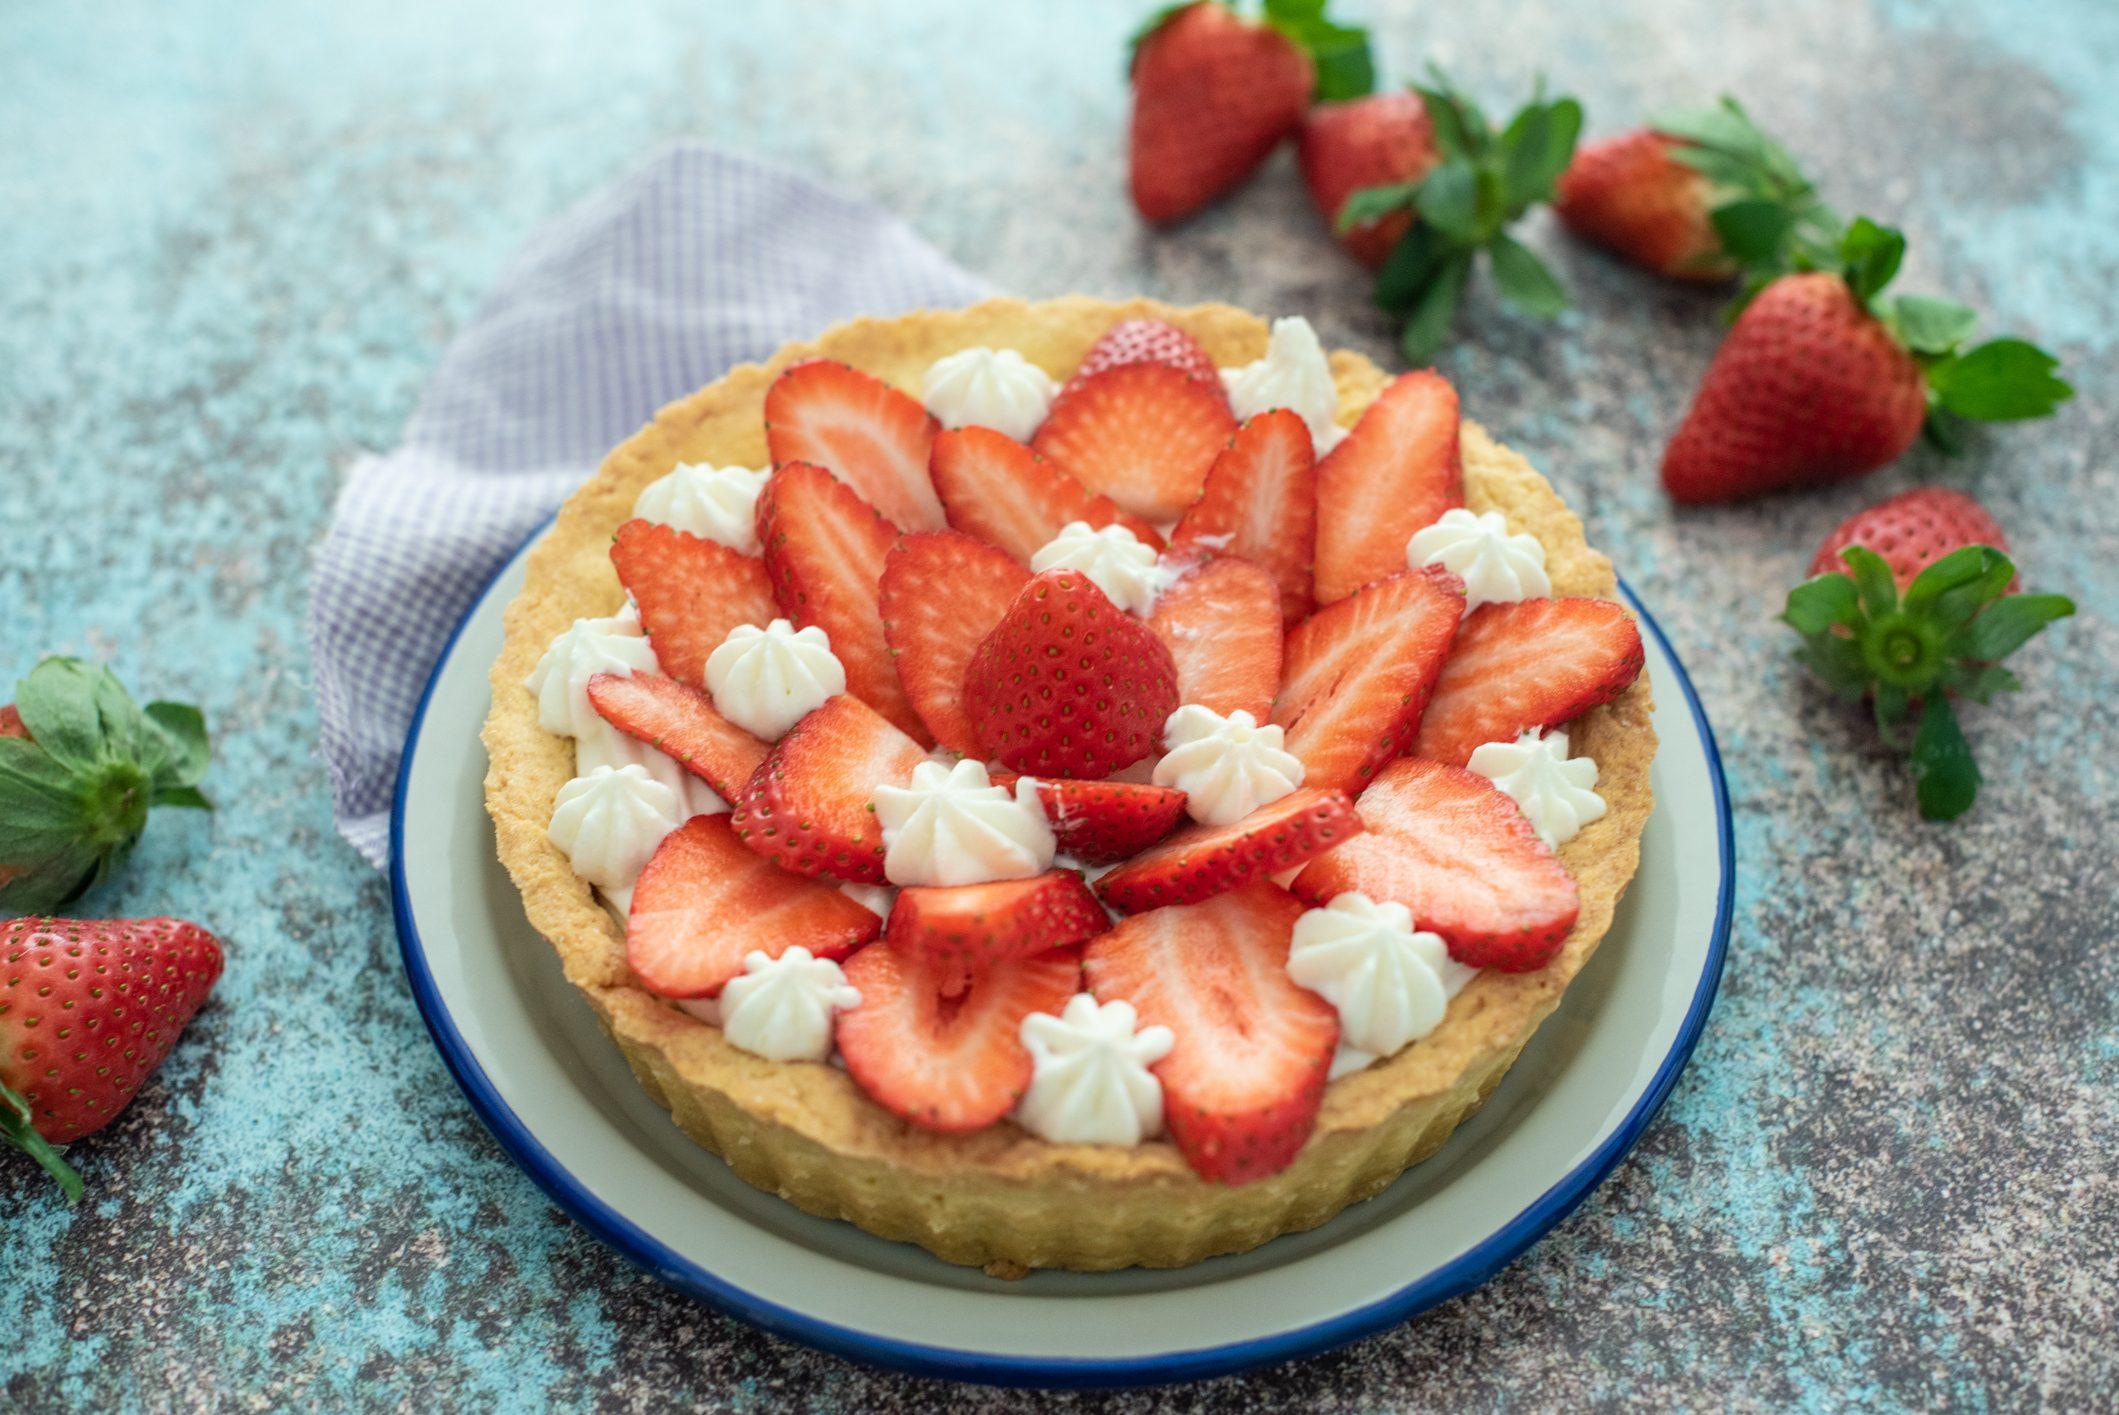 Crostata festa della mamma: la ricetta del dolce per festeggiare tutte le mamme